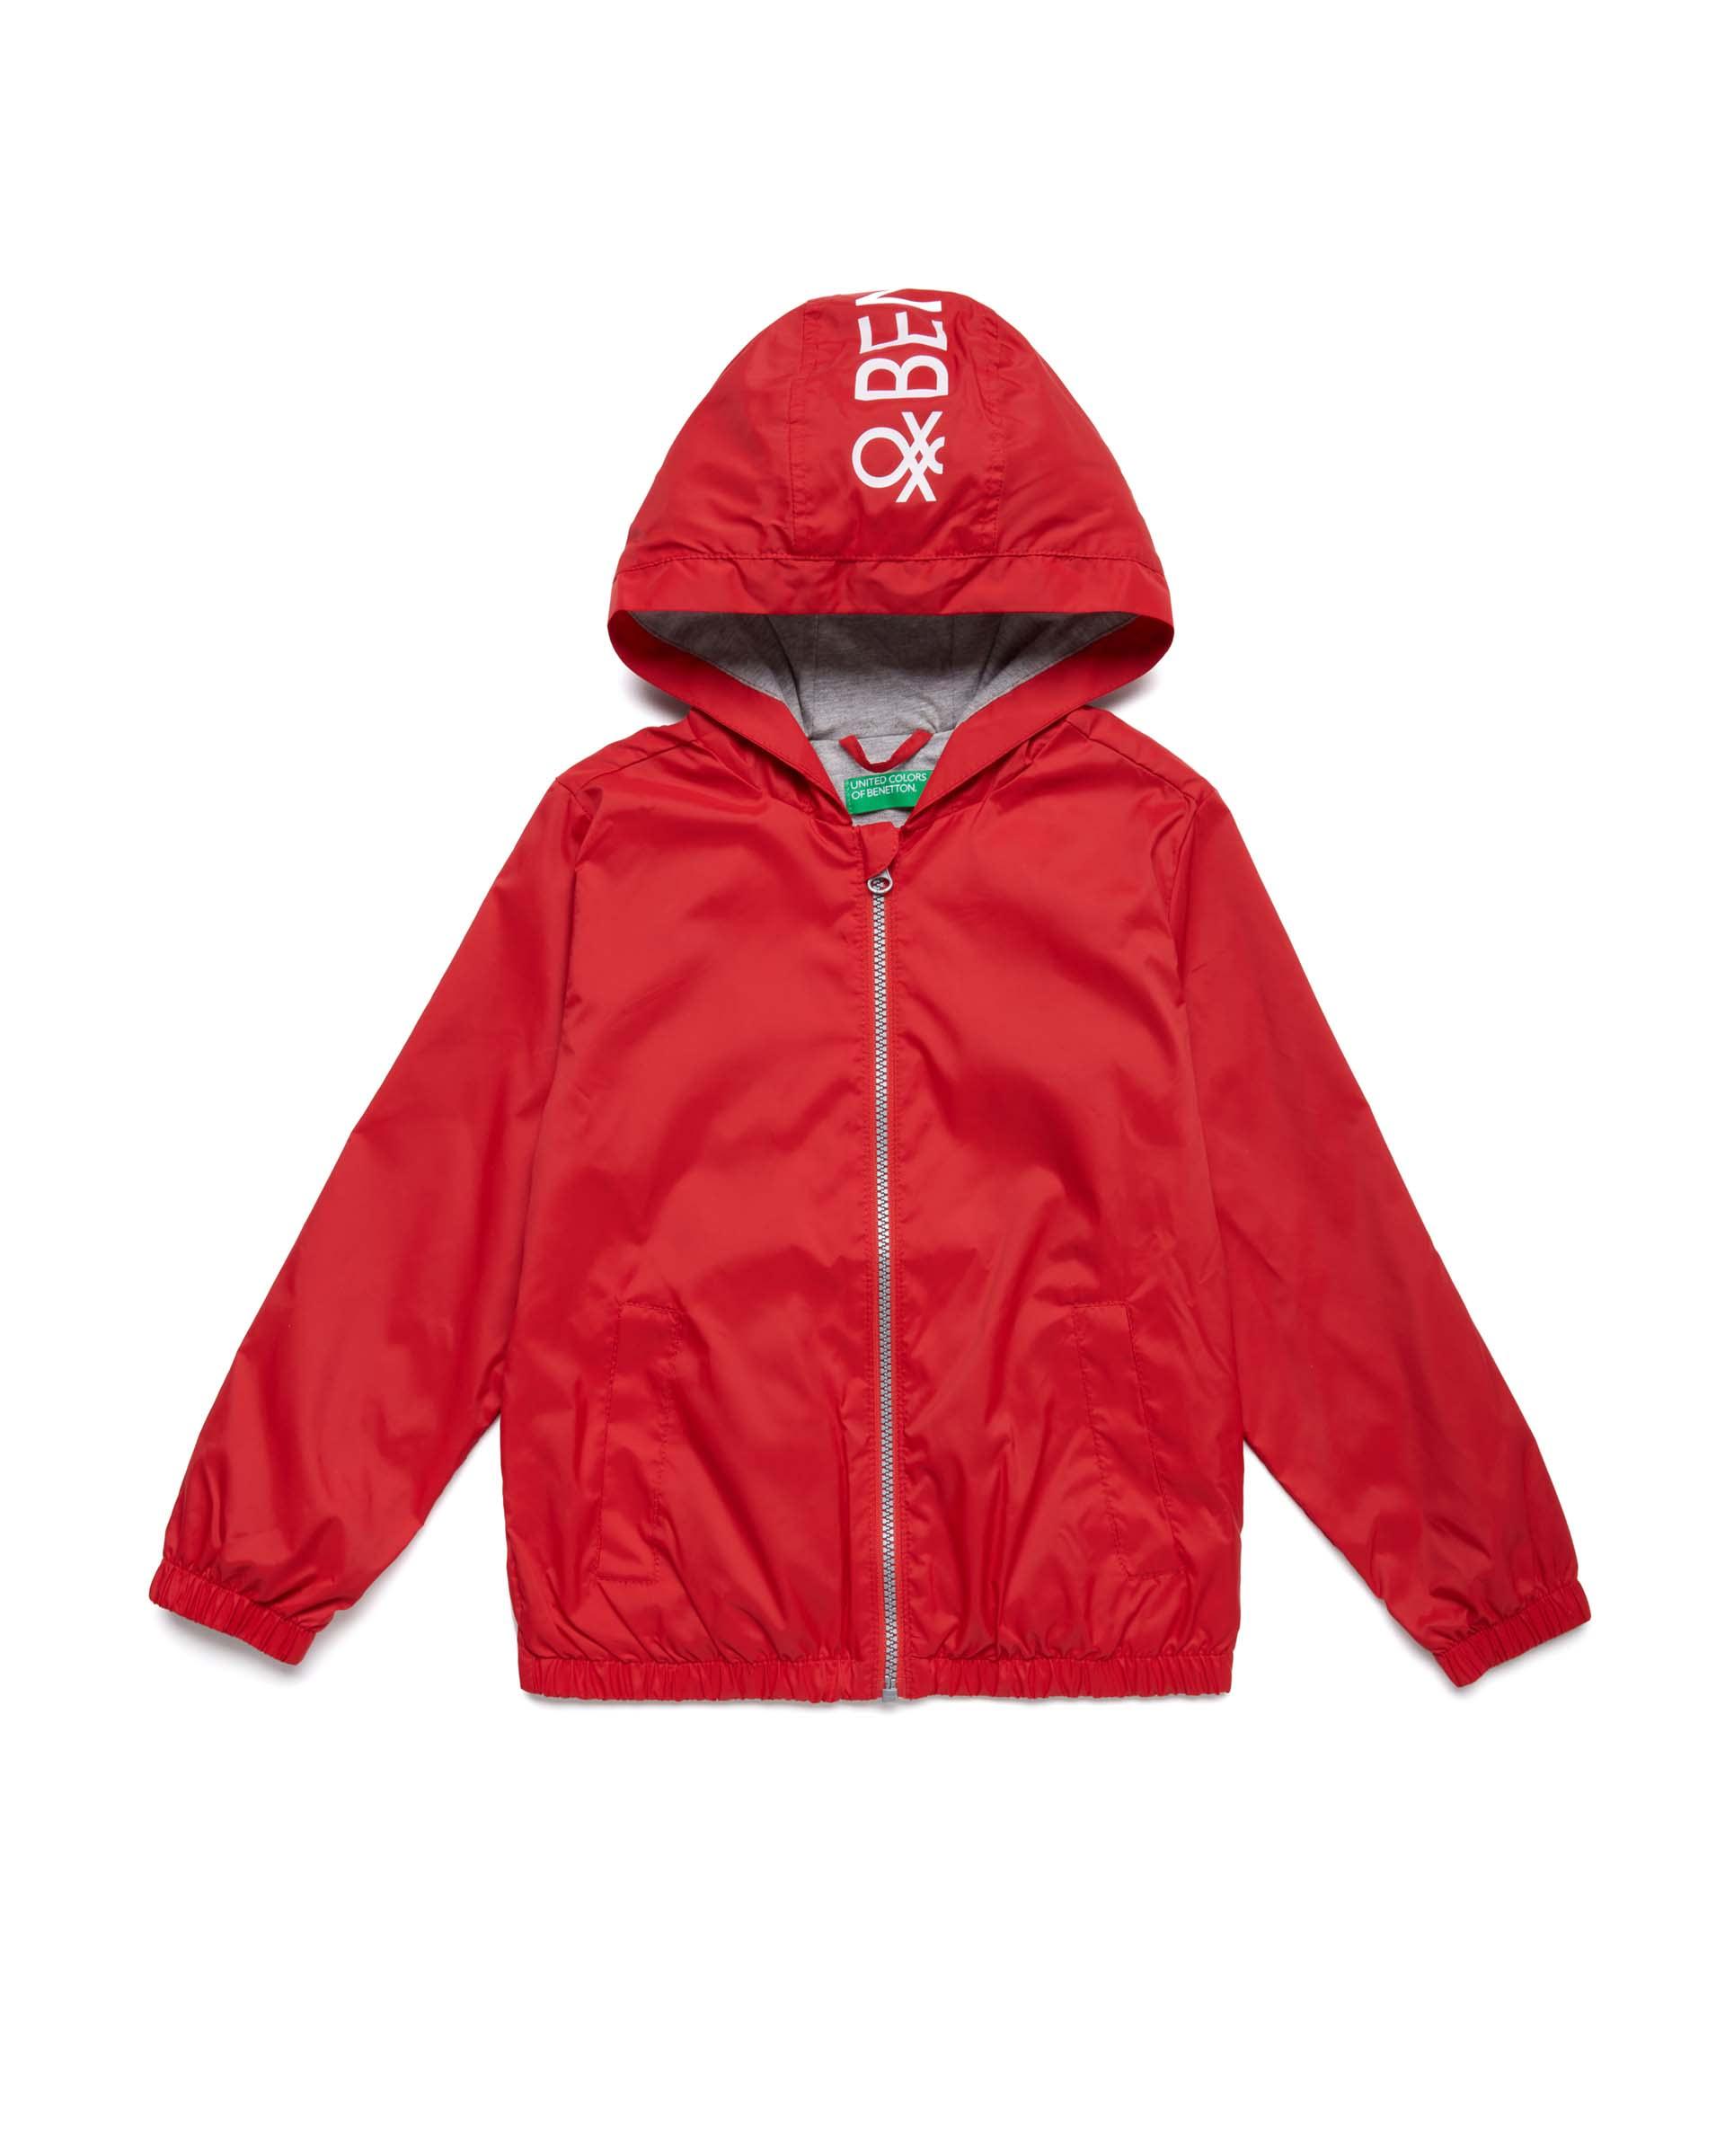 Купить 20P_2WU053HF0_015, Куртка-ветровка для мальчиков Benetton 2WU053HF0_015 р-р 110, United Colors of Benetton, Ветровки для мальчиков